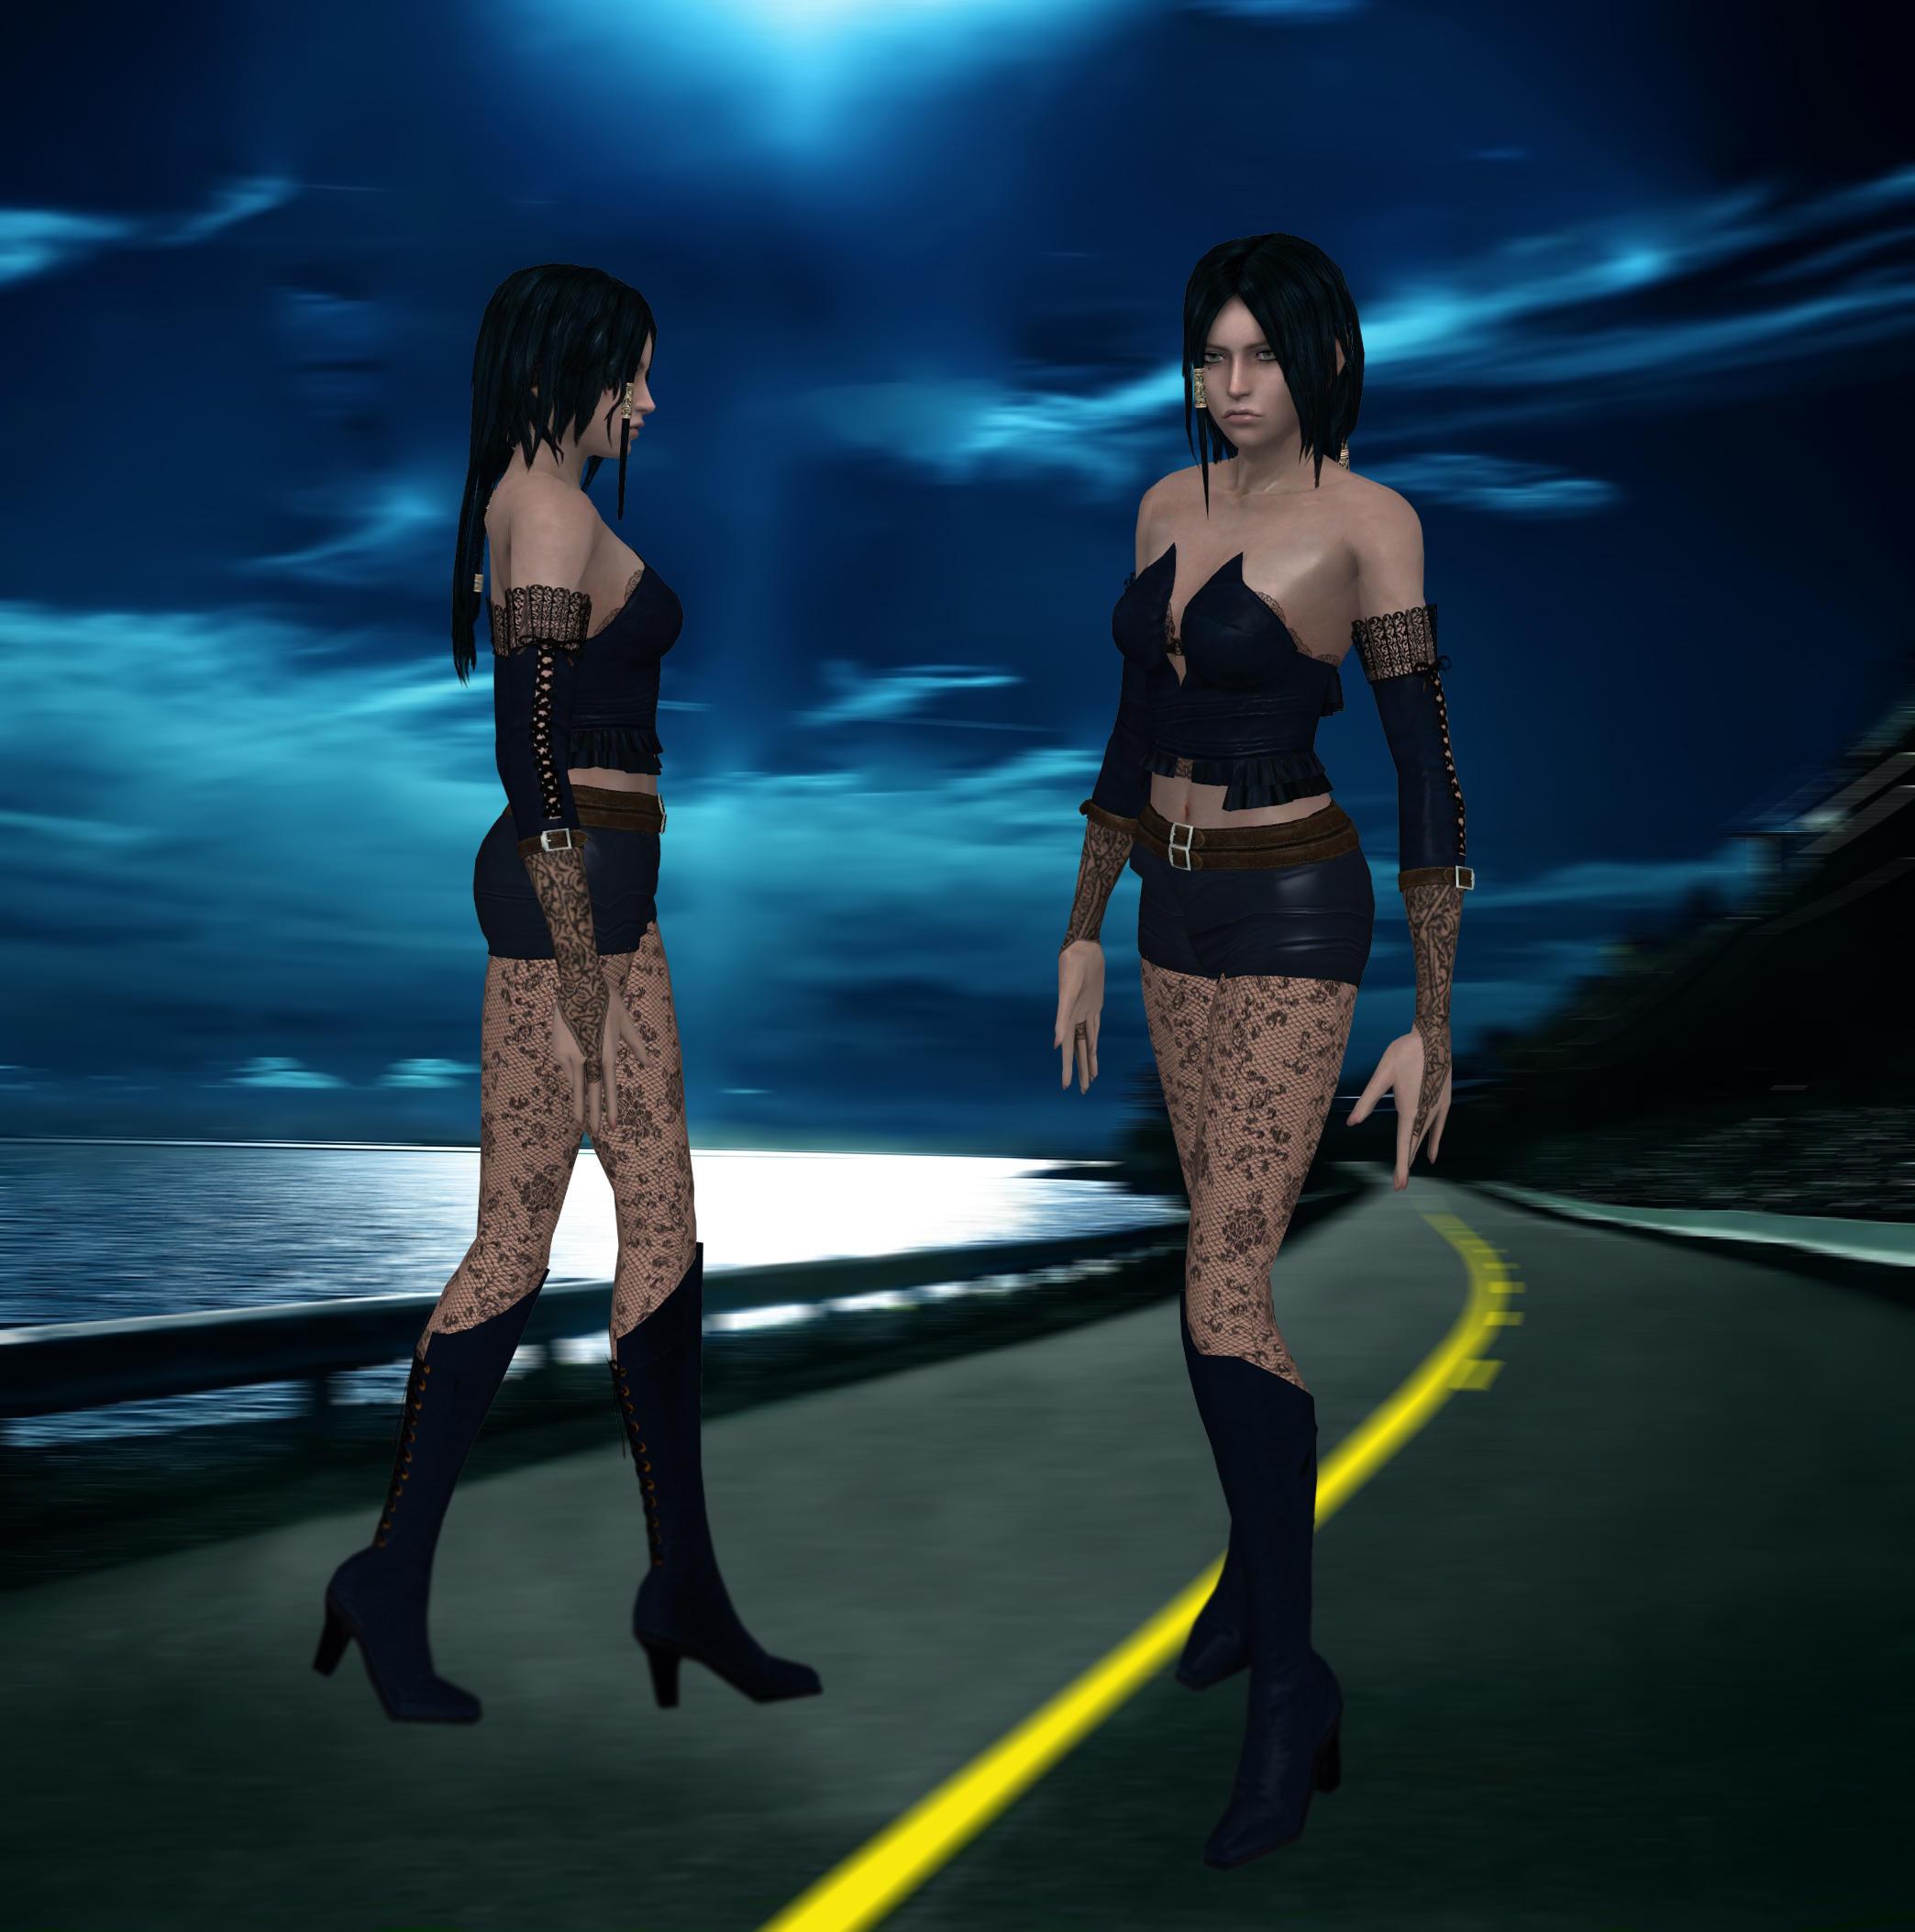 Alicia meshmod by milance941